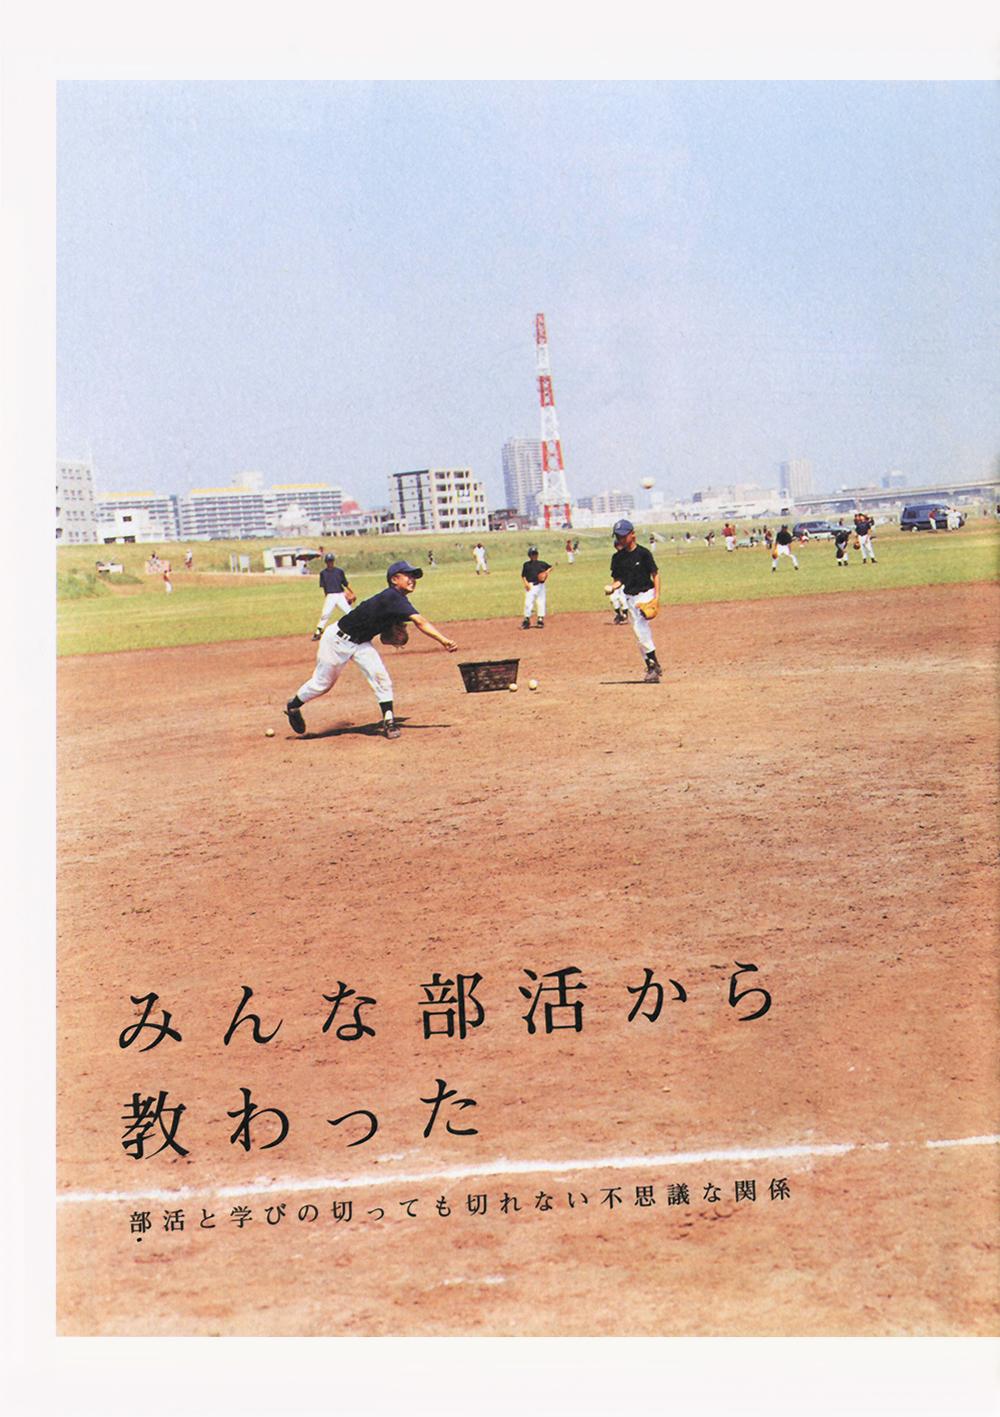 photo by takafumi matsumura. 松村隆史の写真